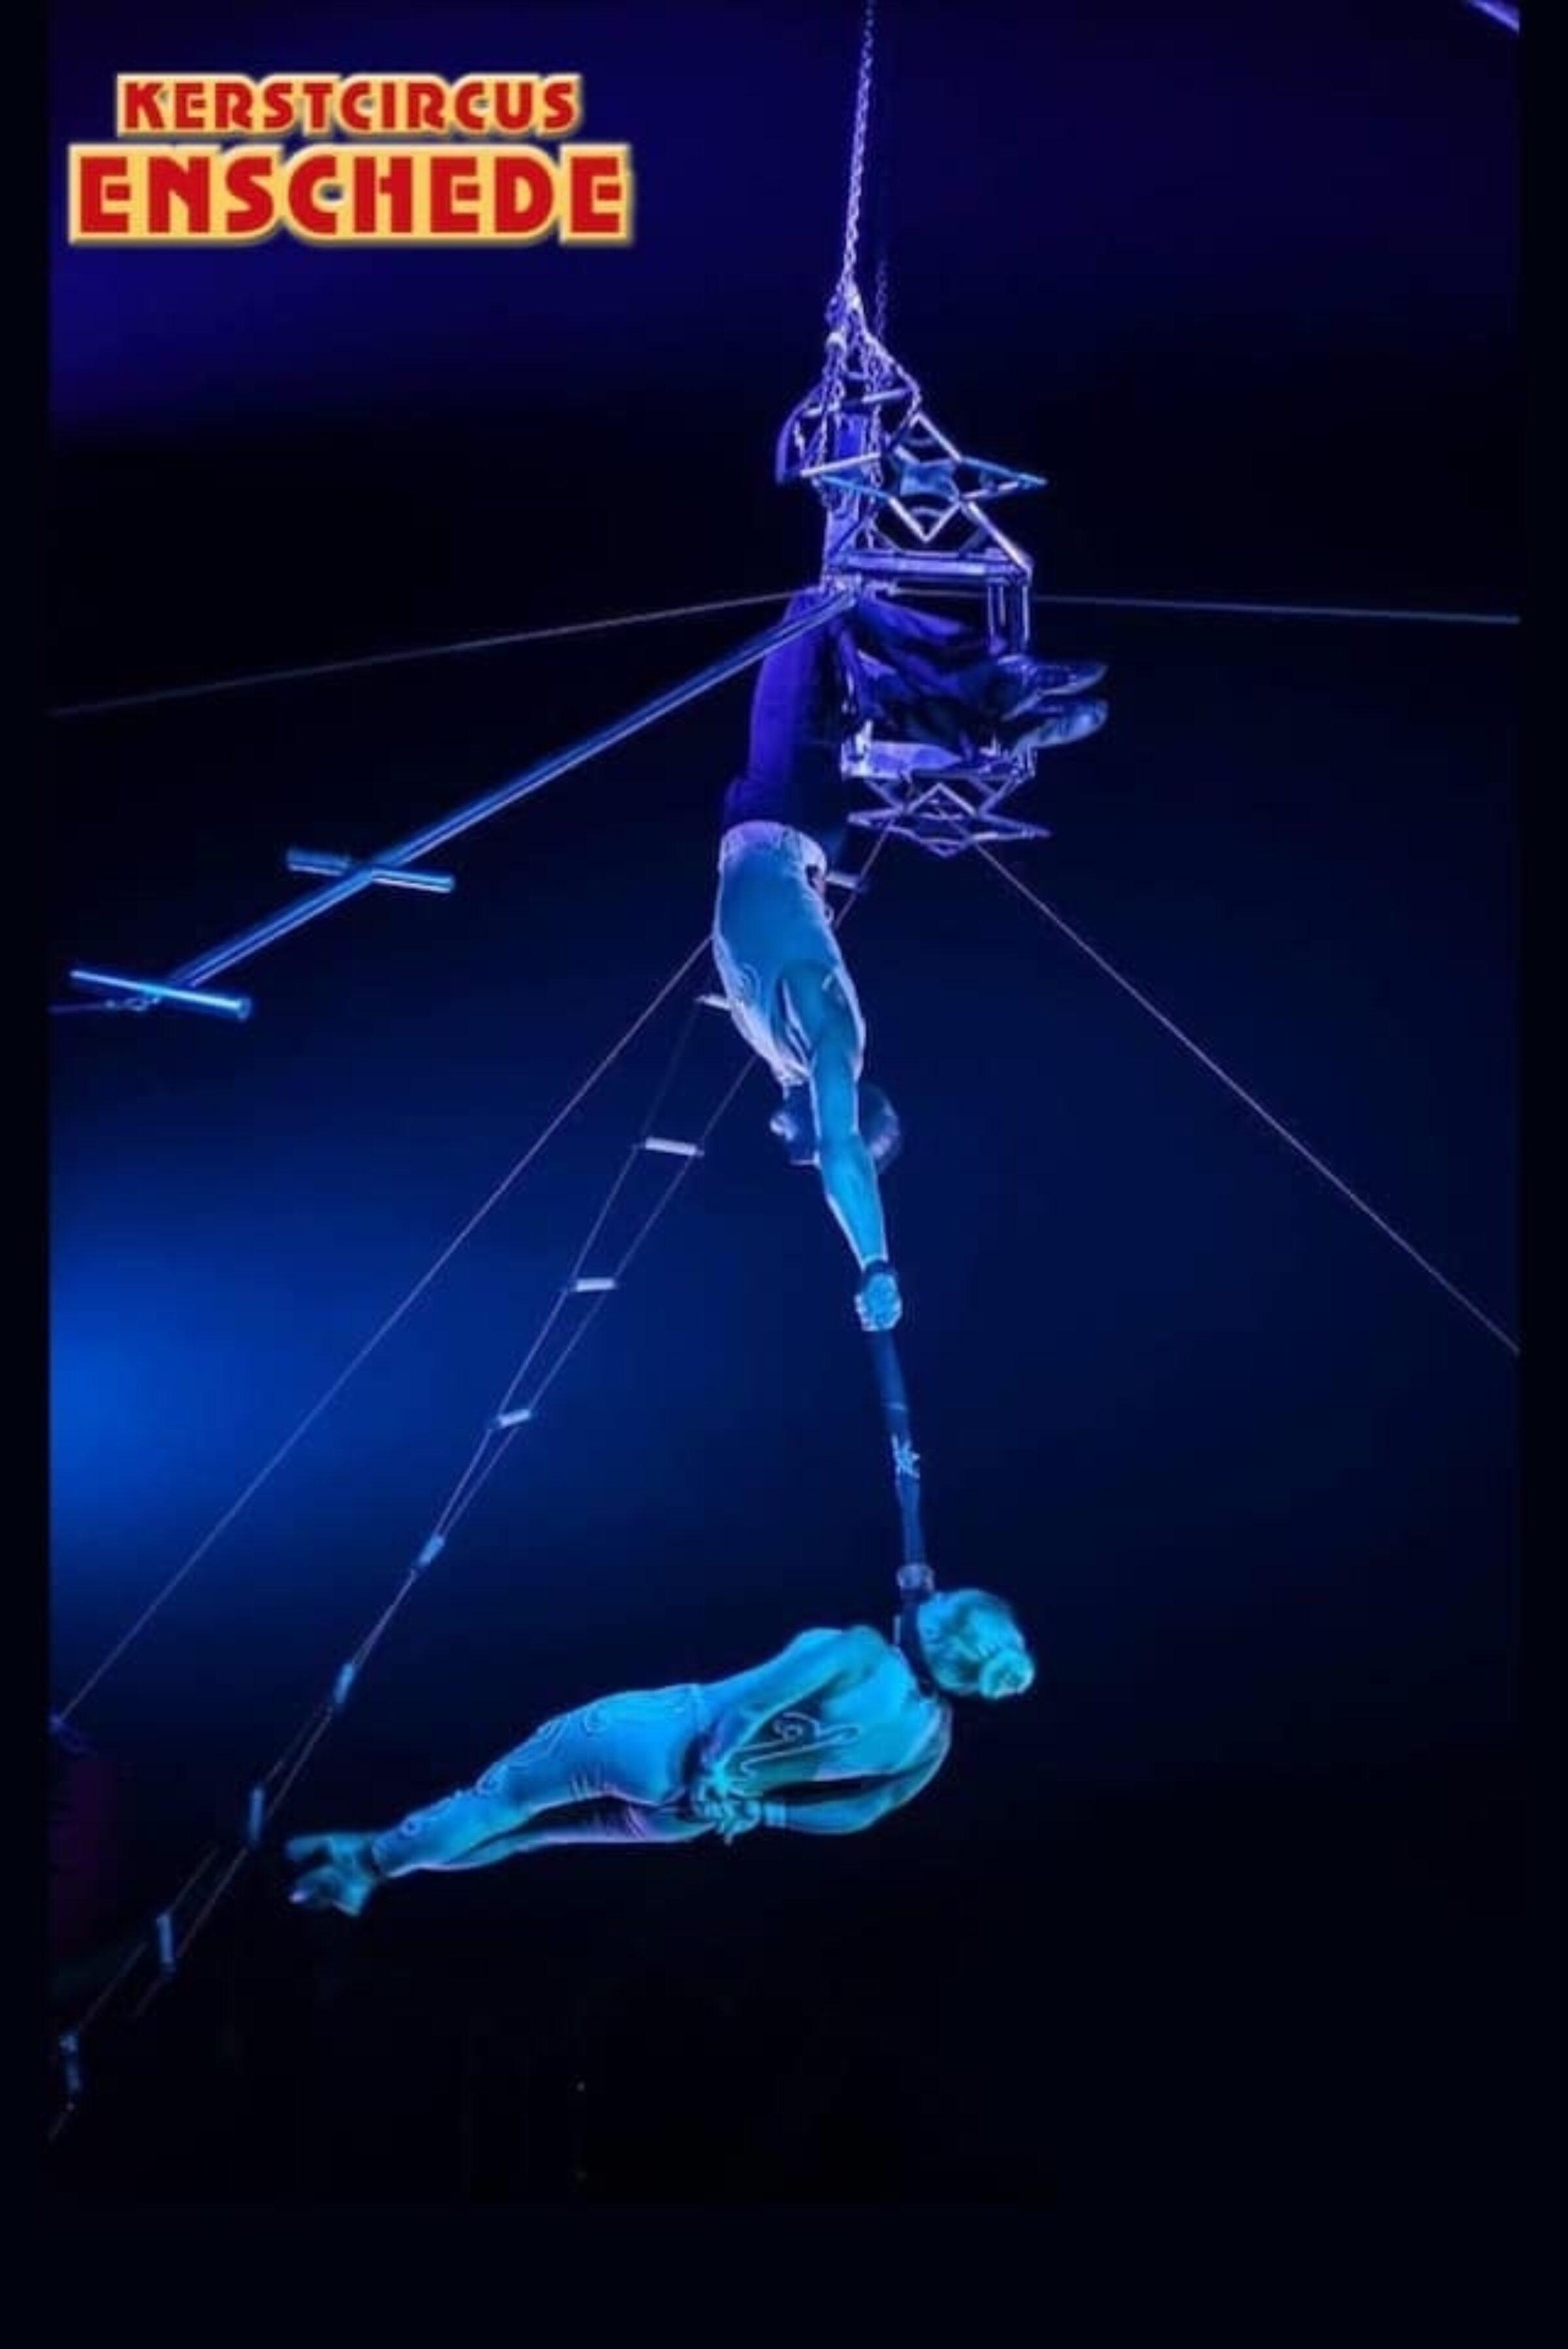 Duo teelker aerial craddle